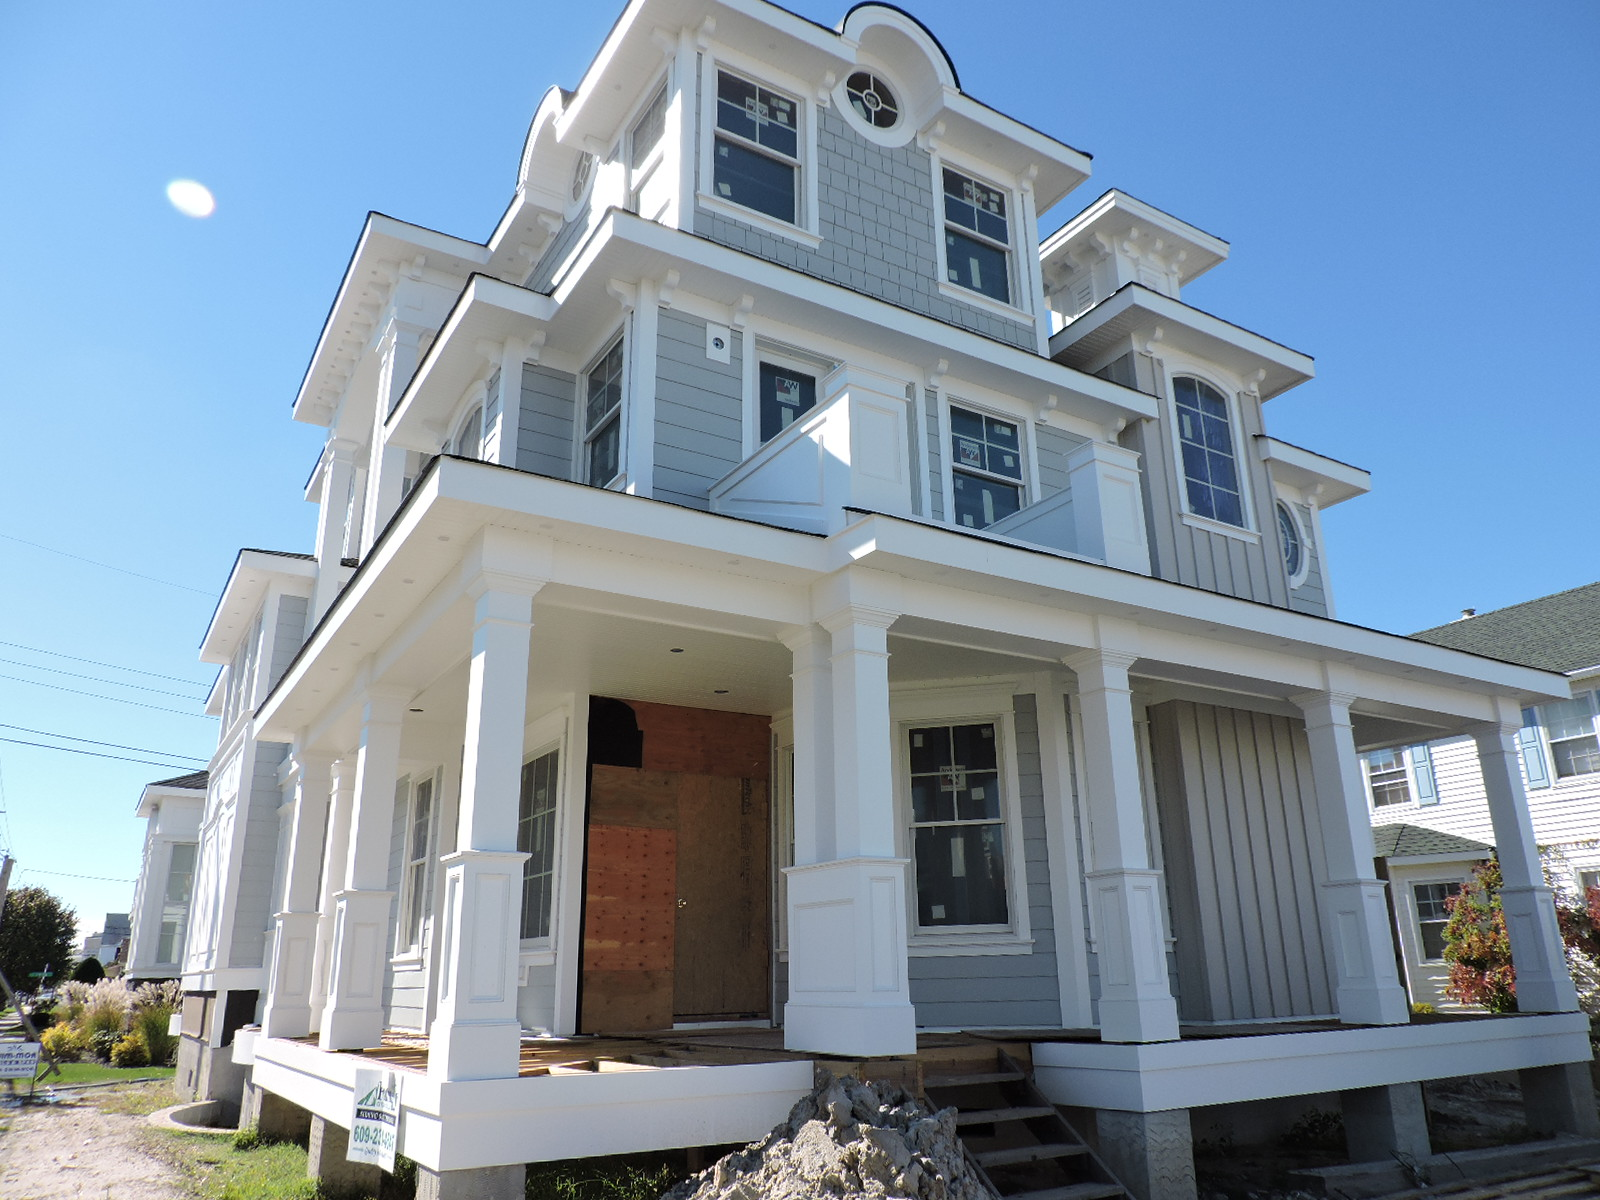 Maison unifamiliale pour l Vente à 20 S Thurlow Ave Margate City, New Jersey 08402 États-Unis